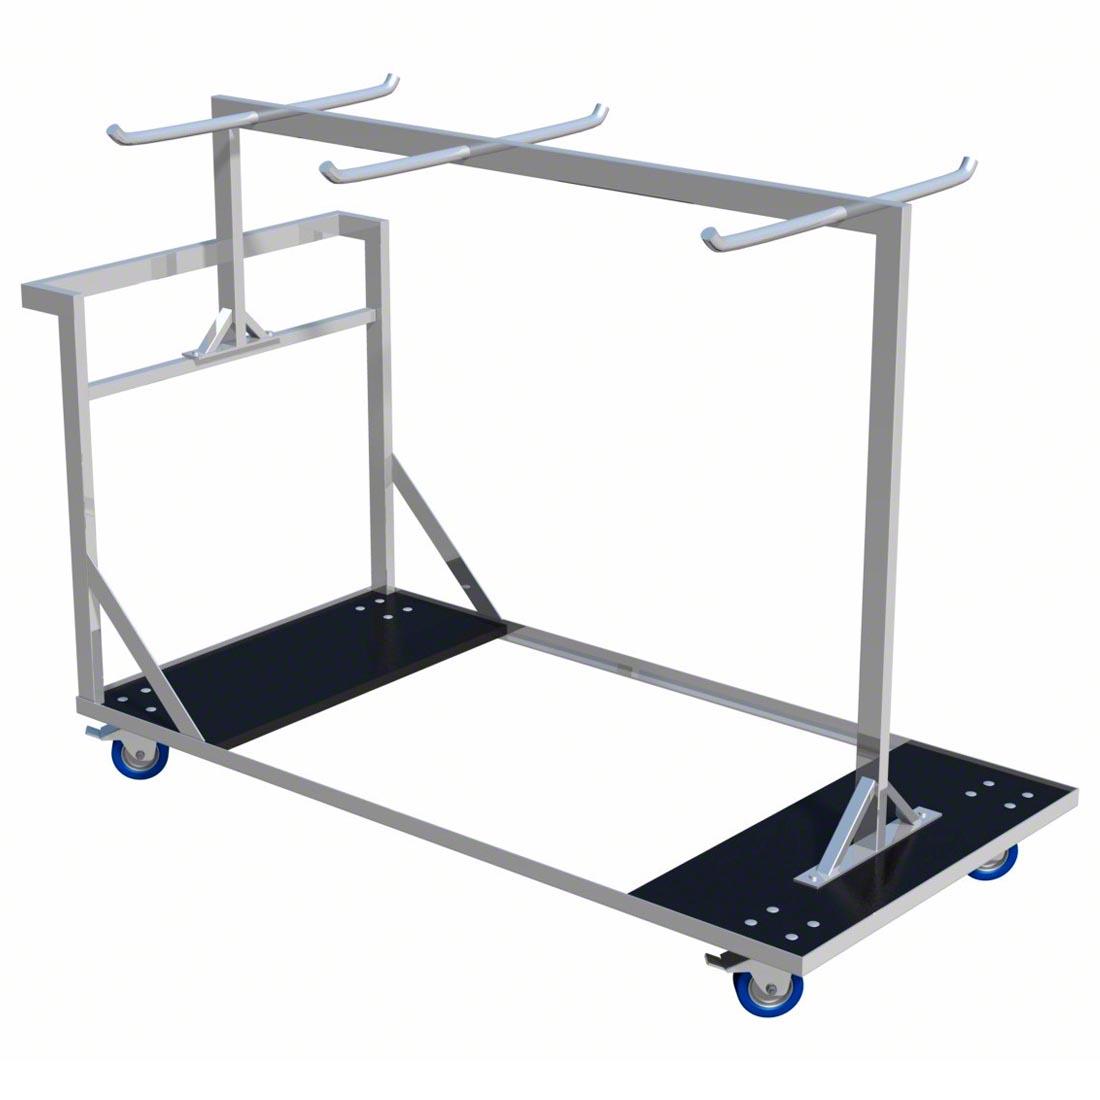 Portable Guard Rails : Pro flex guard rails trolley fits foot guardrails